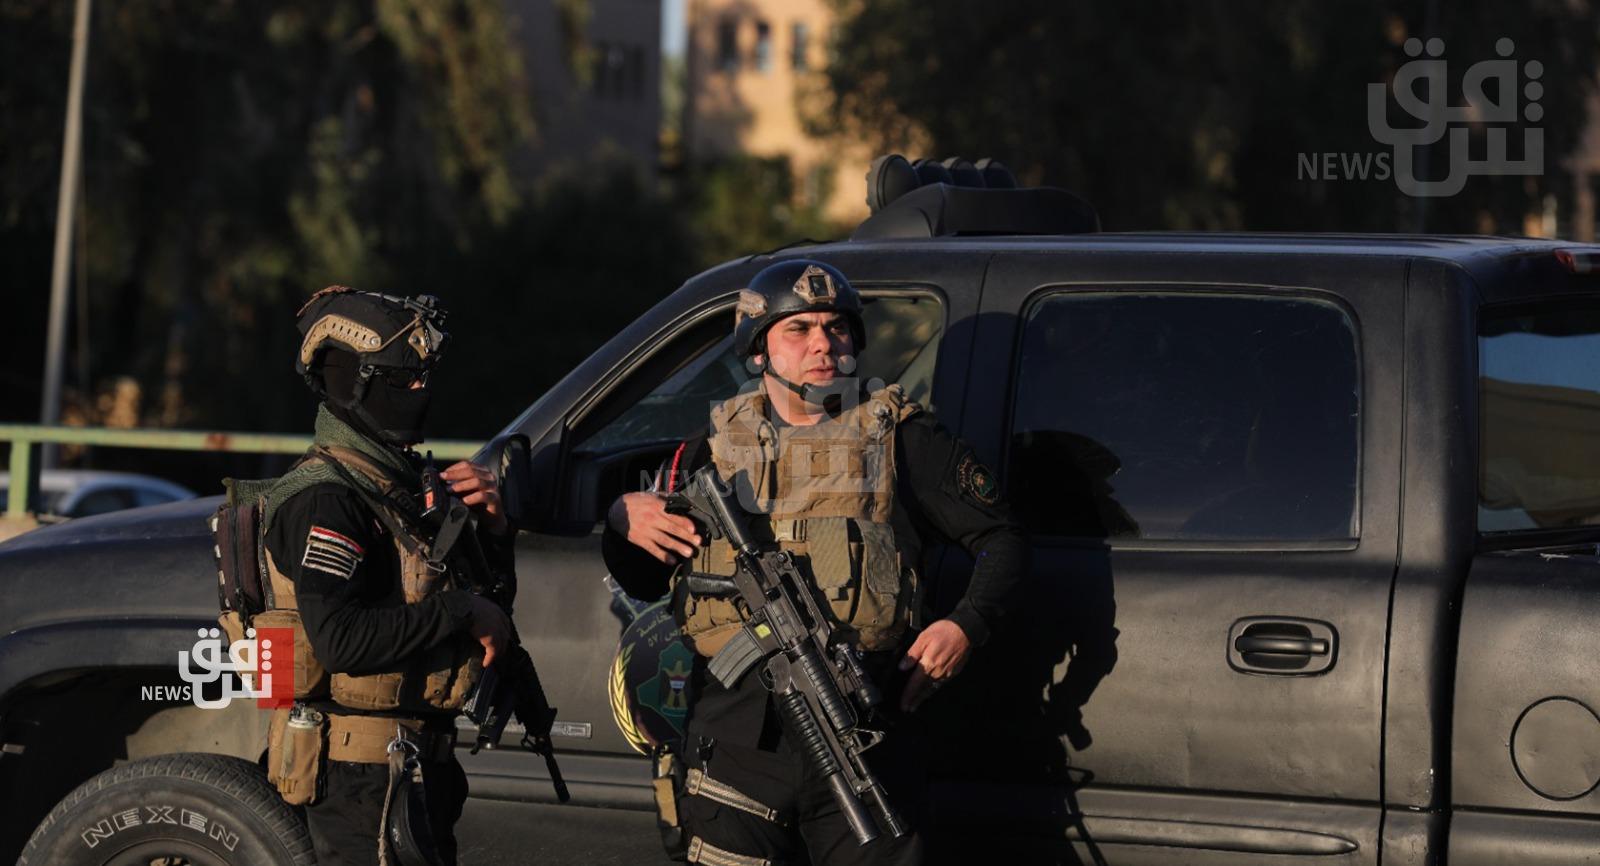 مقتل عنصري داعش والقبض على 7 آخرين في أنحاء العراق